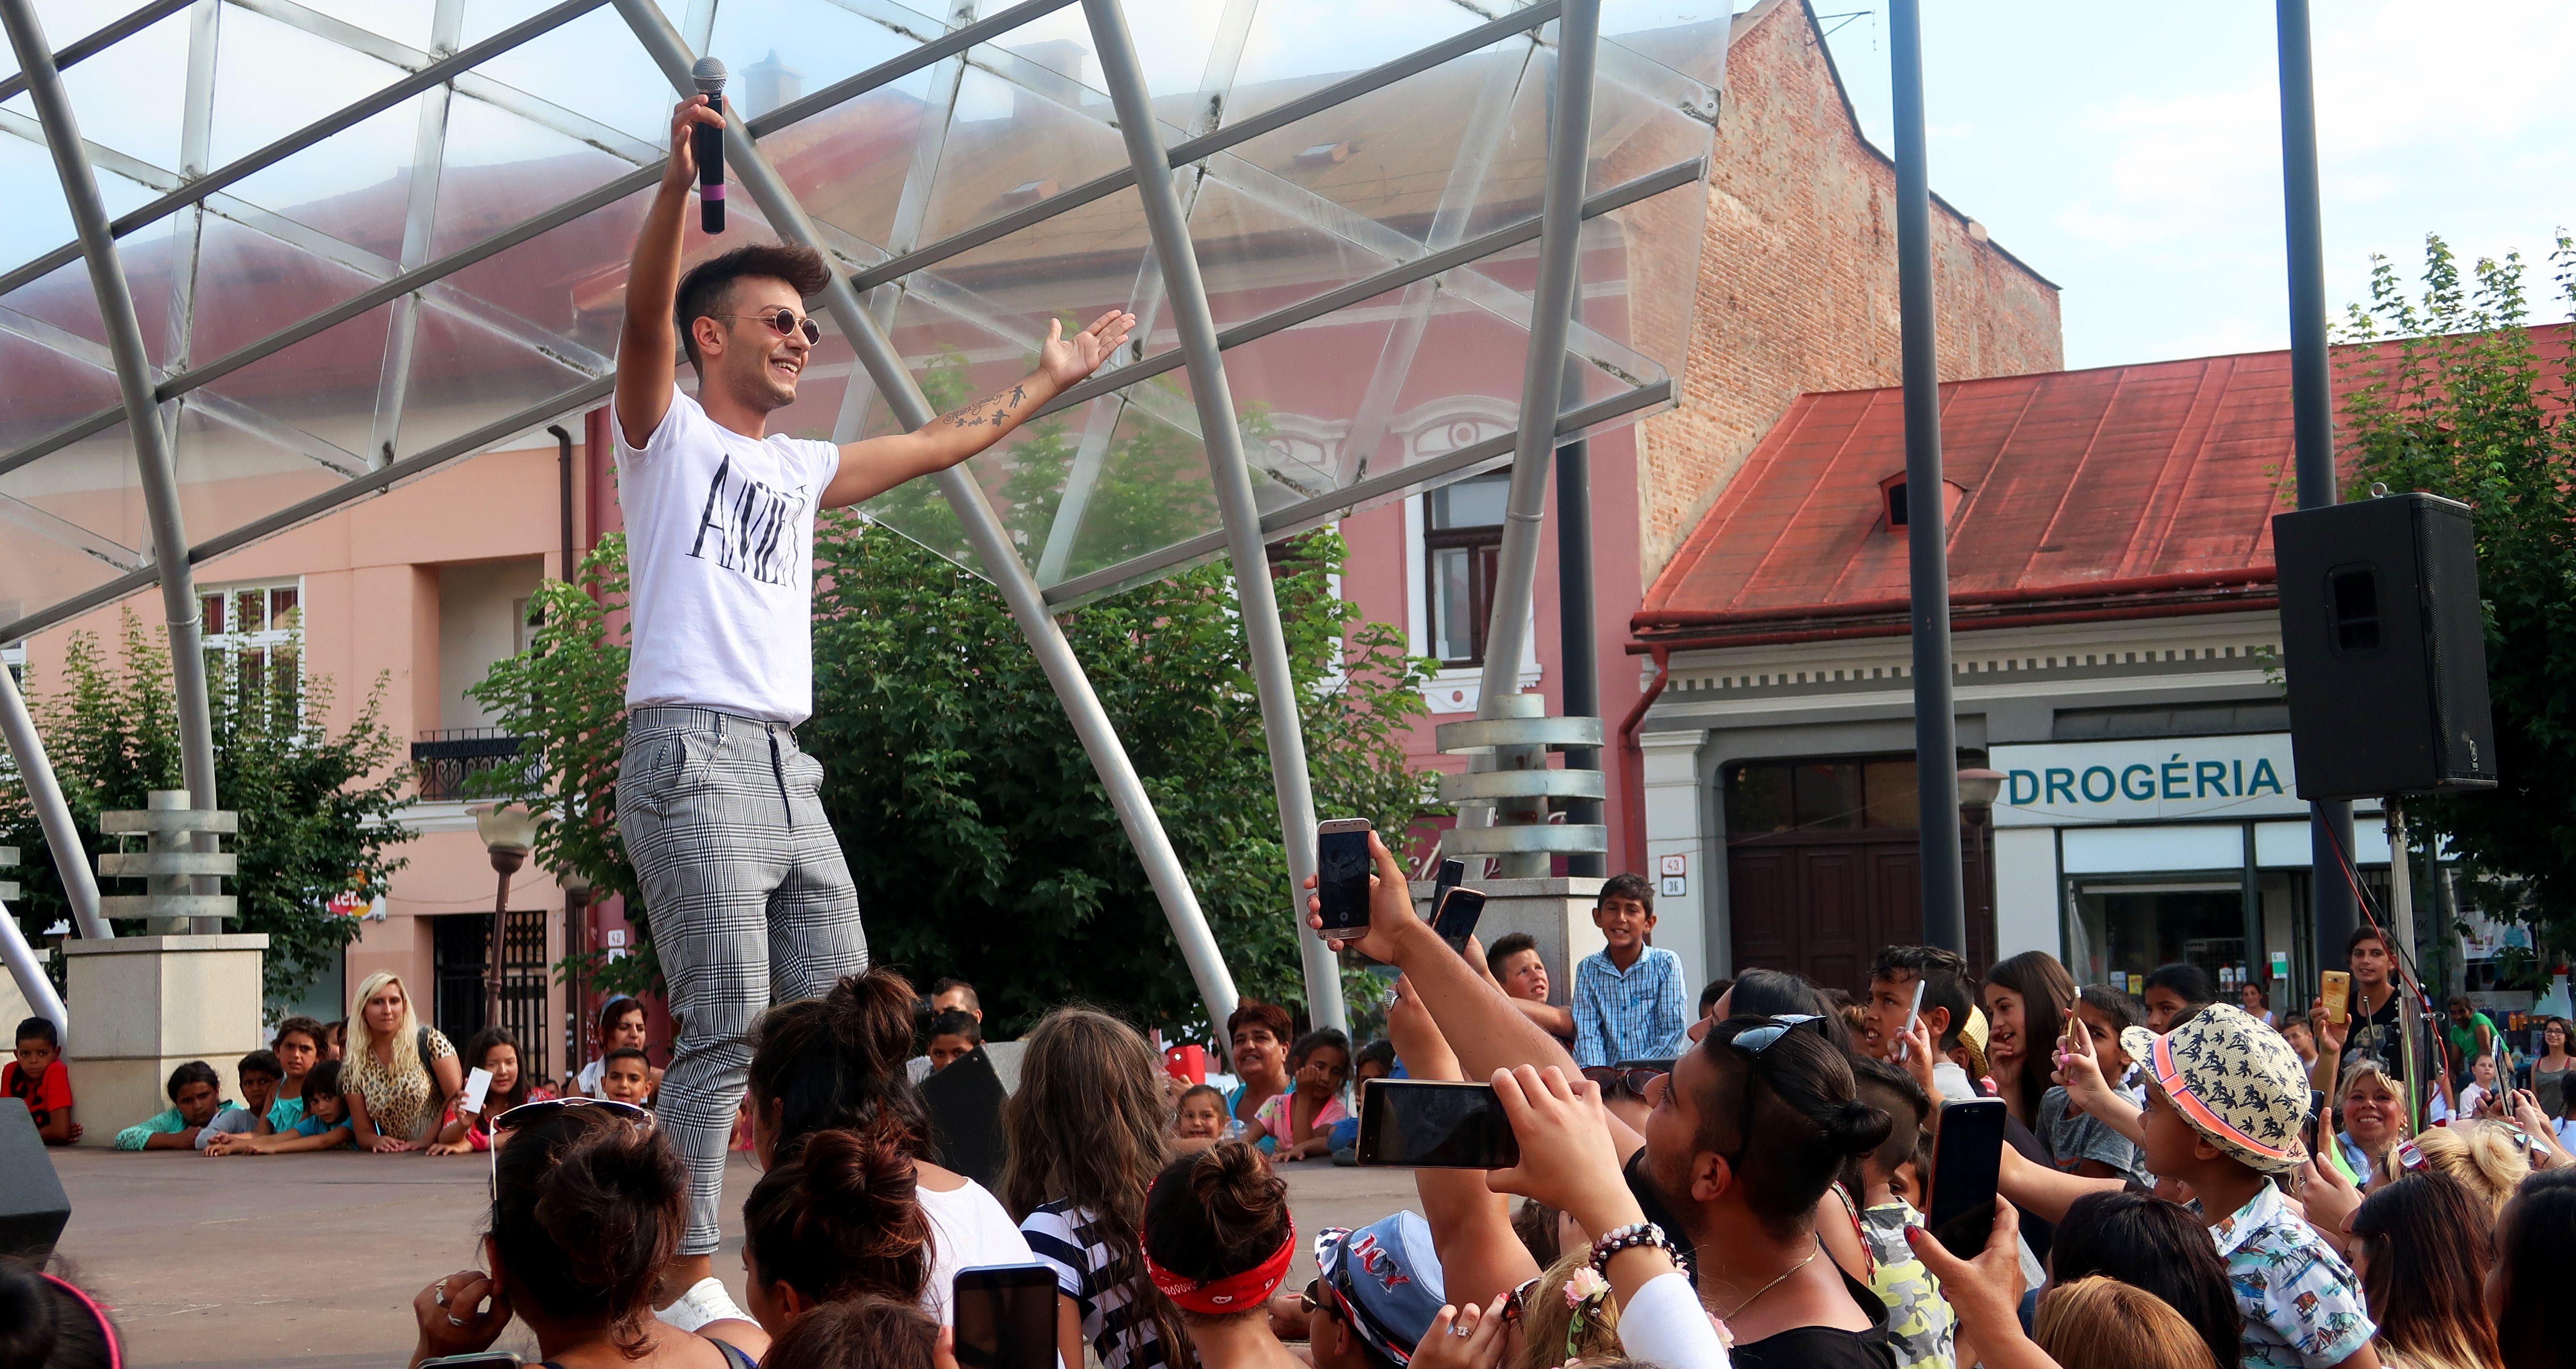 Festival Romano džives v Brezne mal obrovský úspech